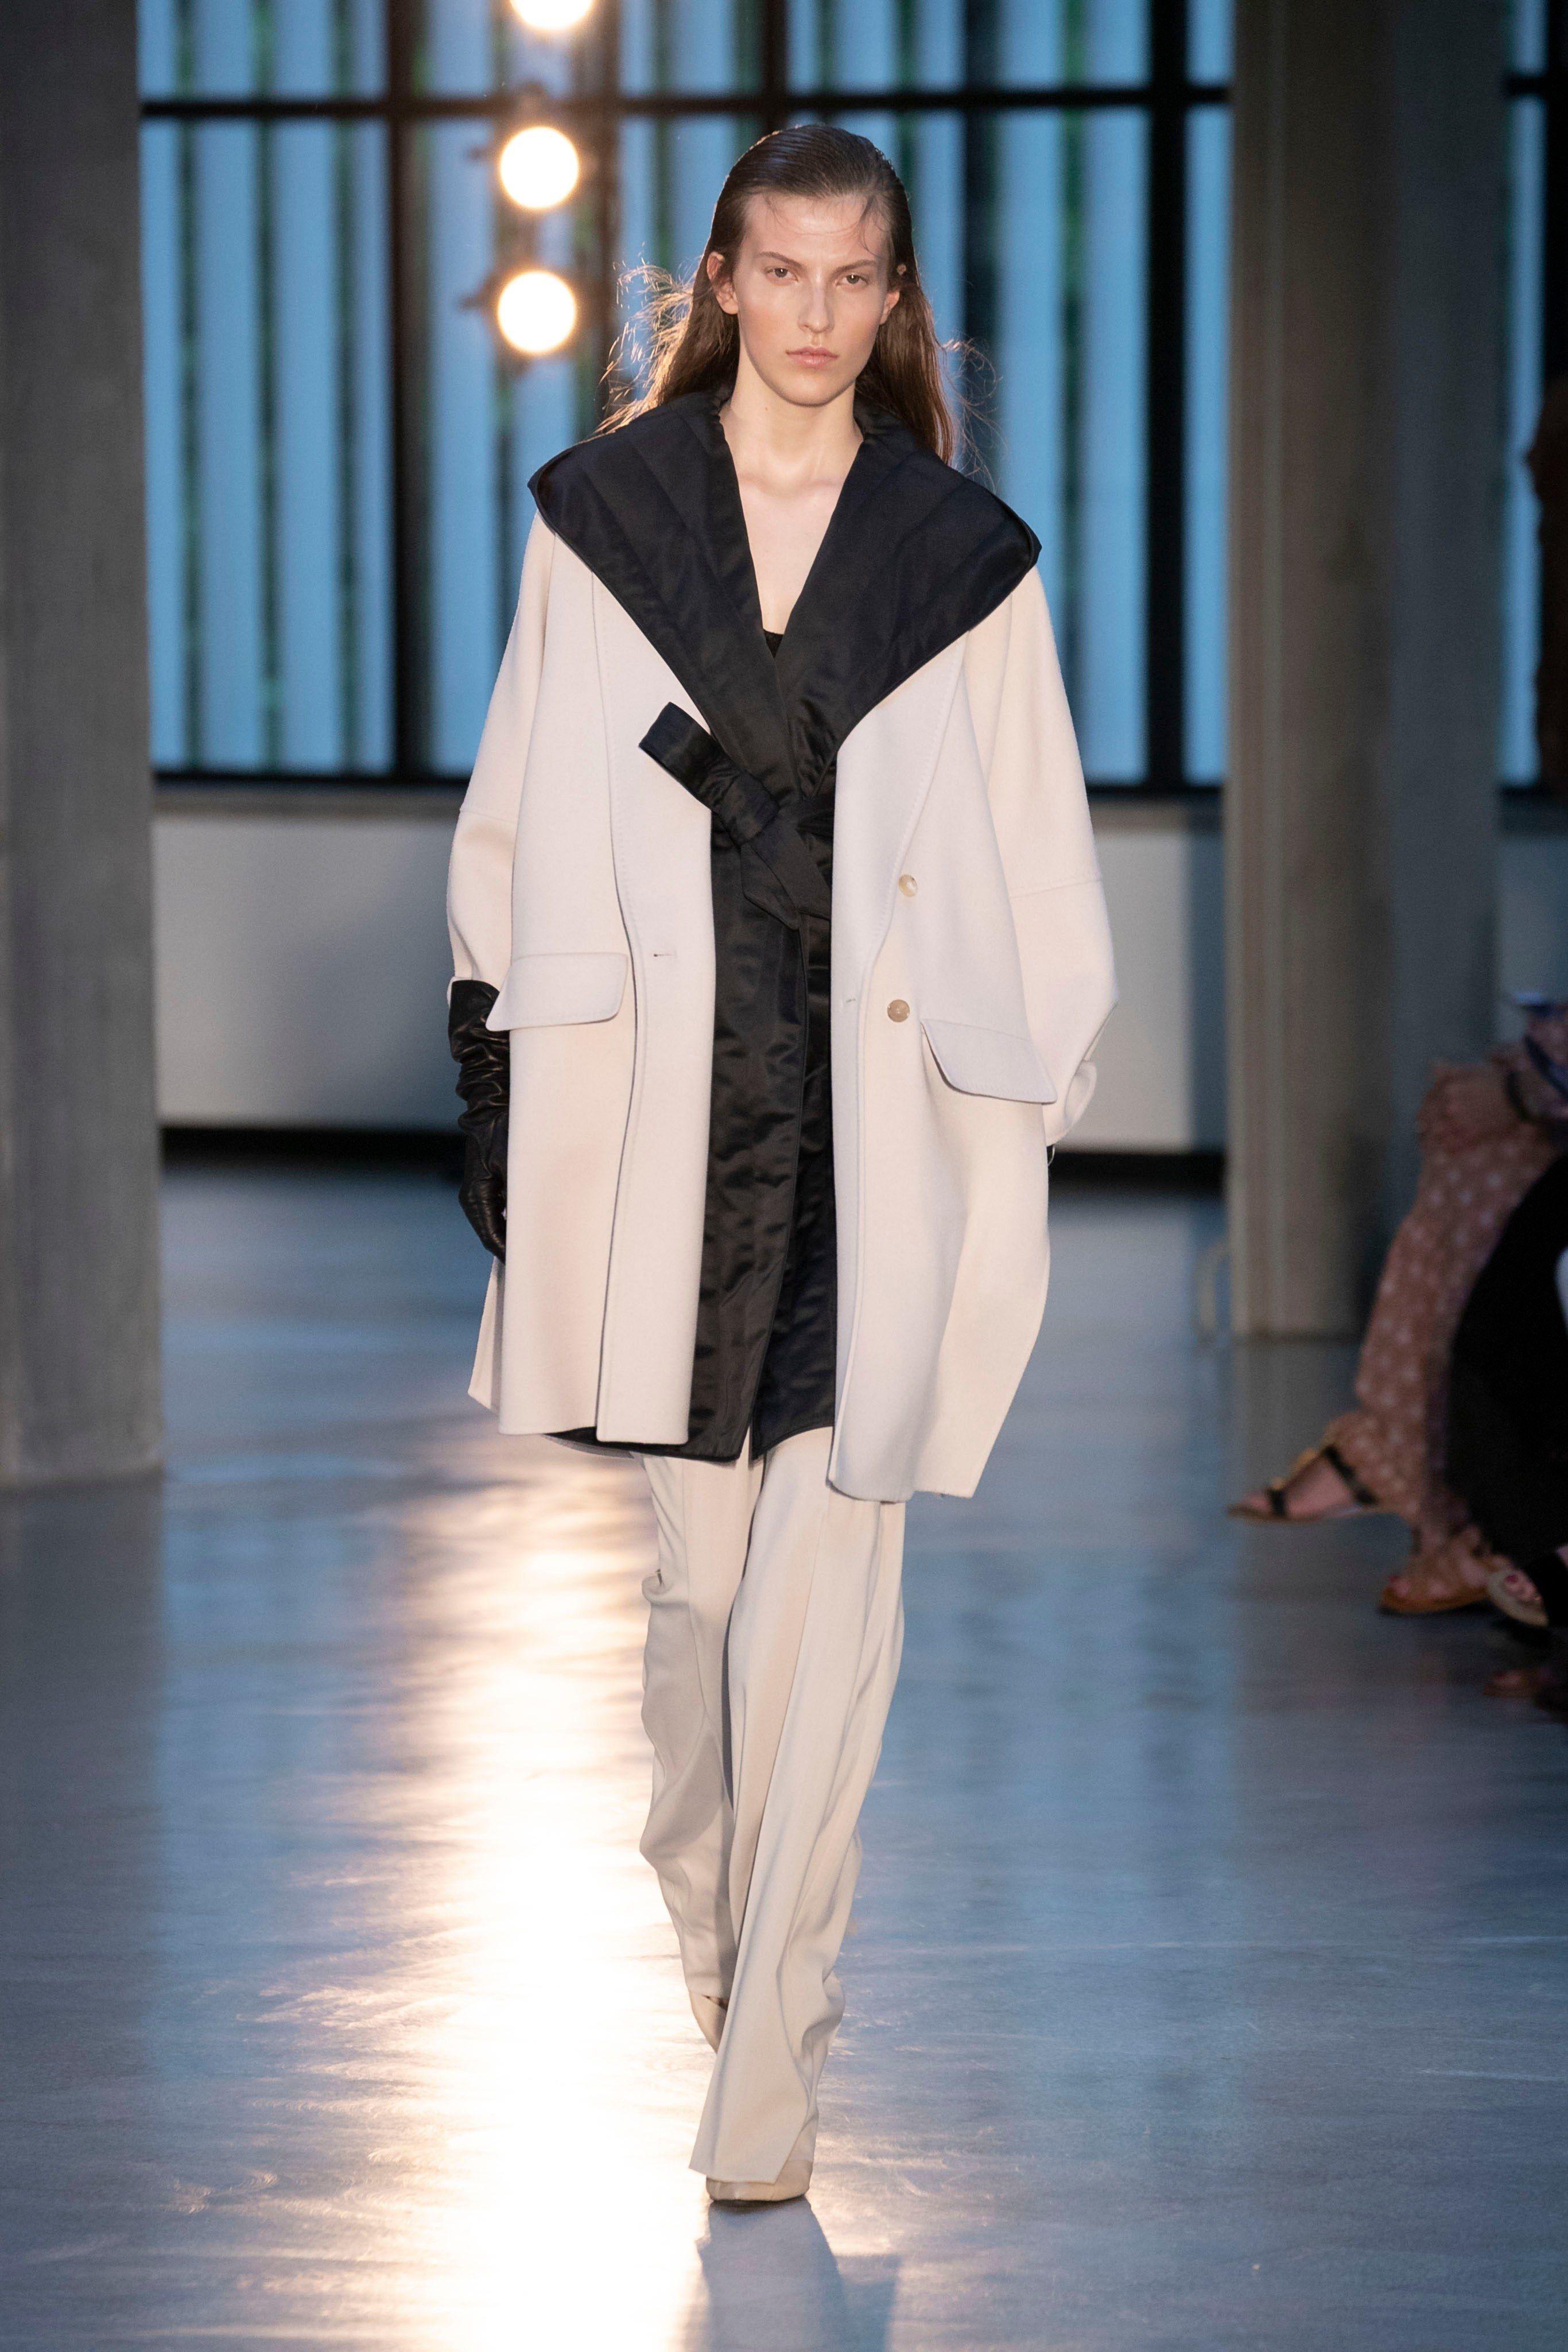 Max Mara Resort 2019 Fashion Show | Fashionista | Moda, Mode ...